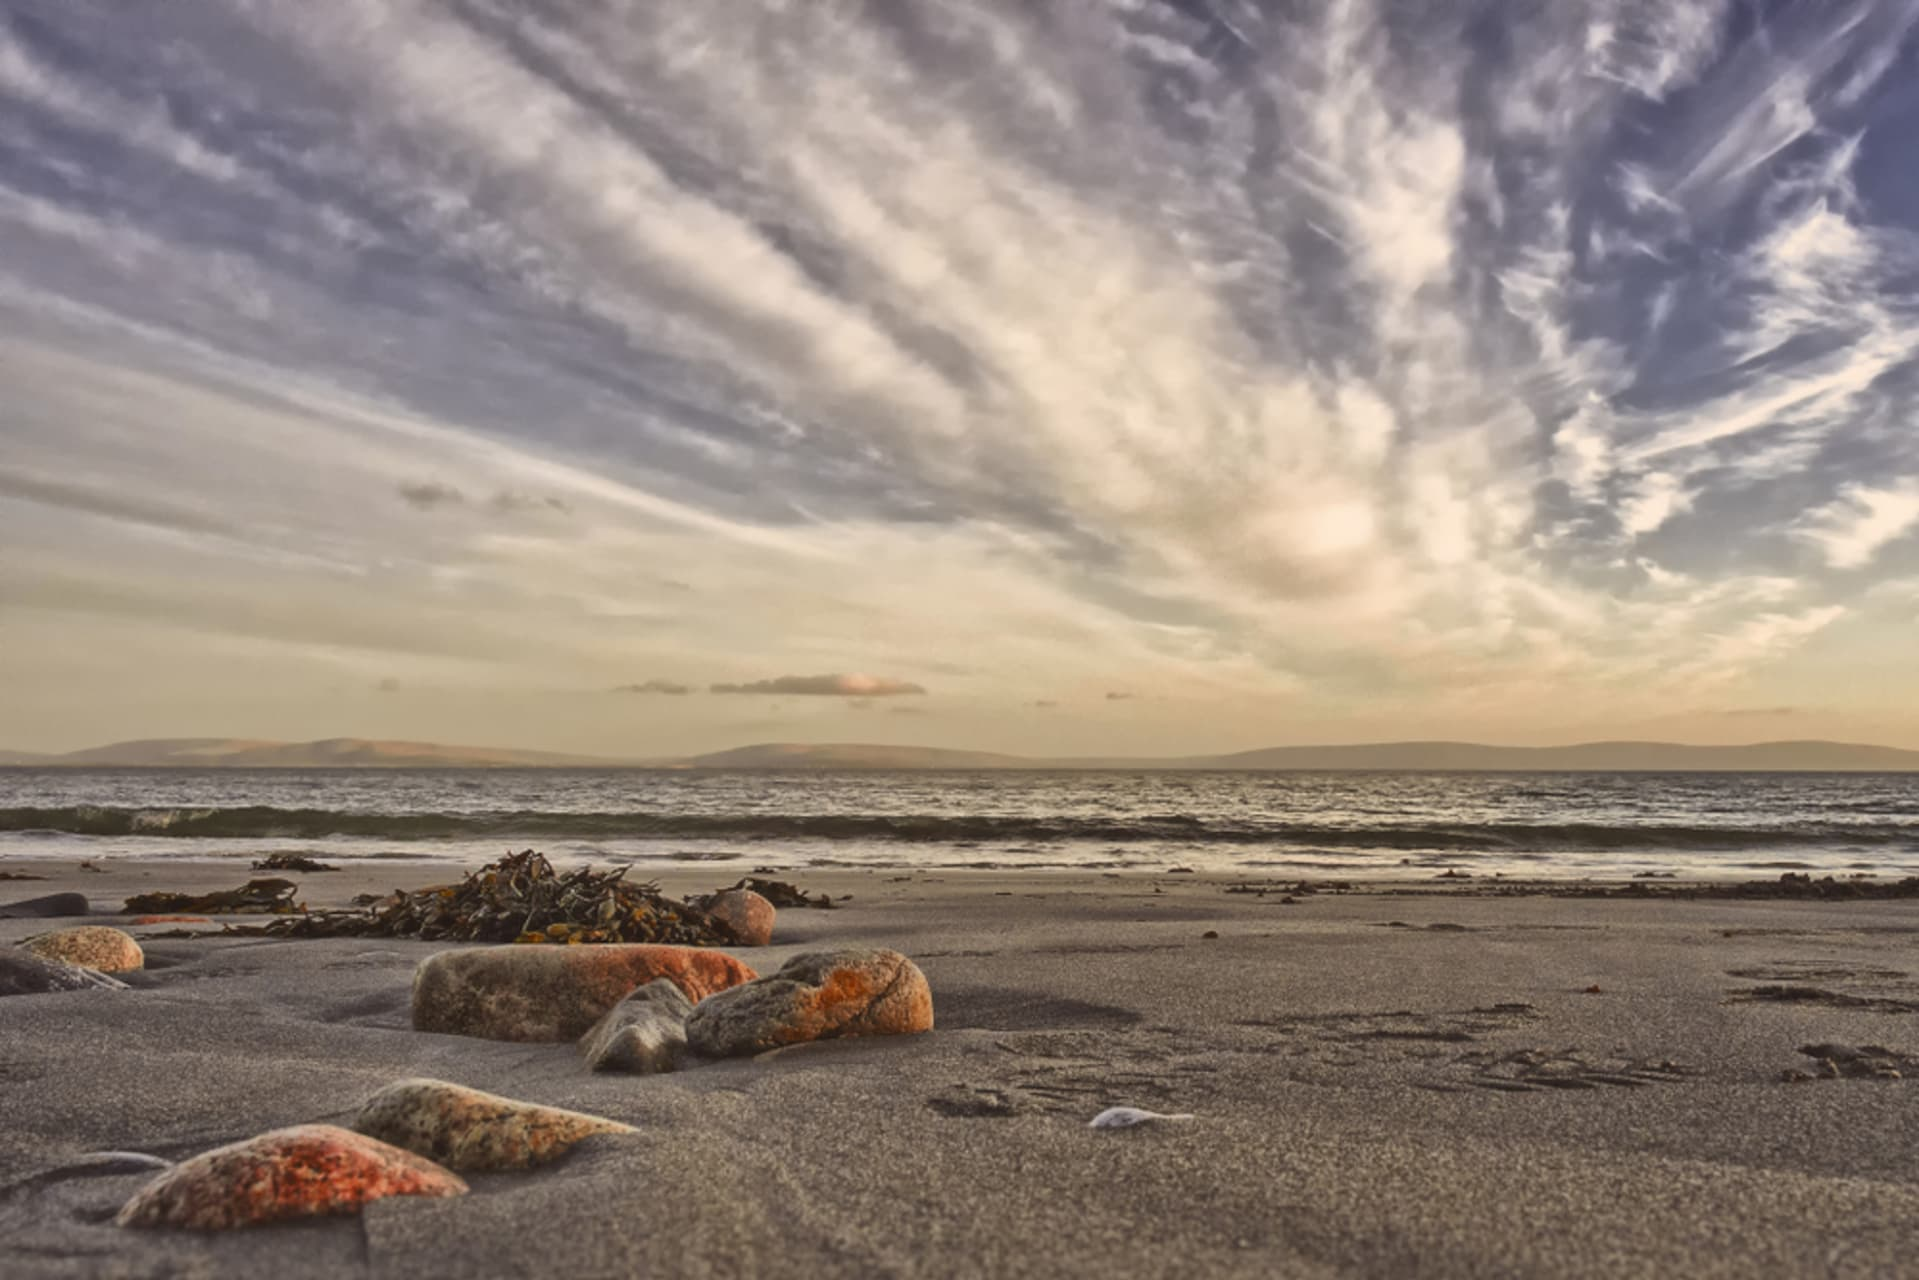 West of Ireland - Burren Coastline and Galway Bay